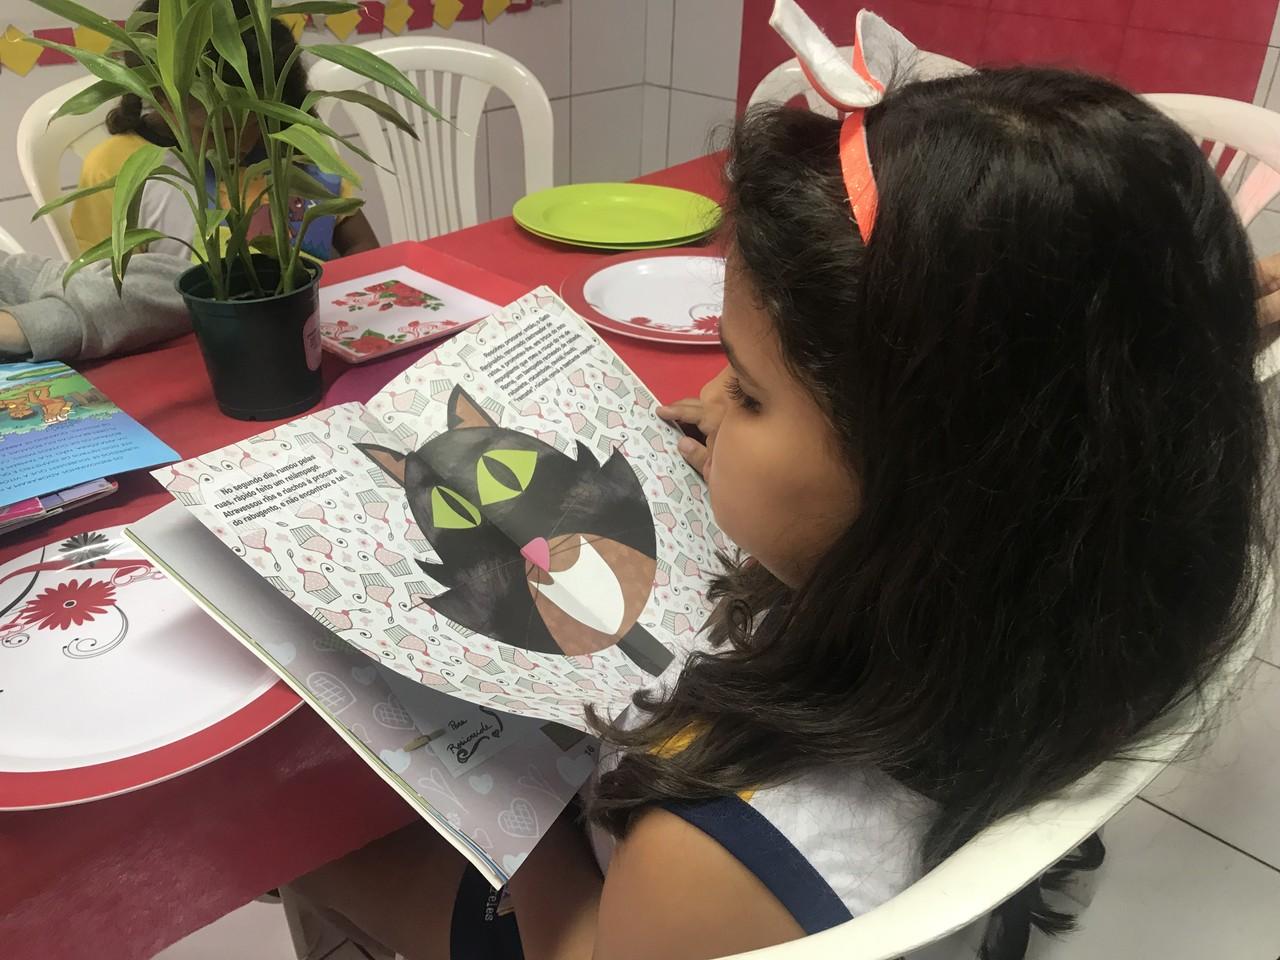 Escola cria 'restaurante da leitura' para estimular alunos a ler em Maceió (AL)